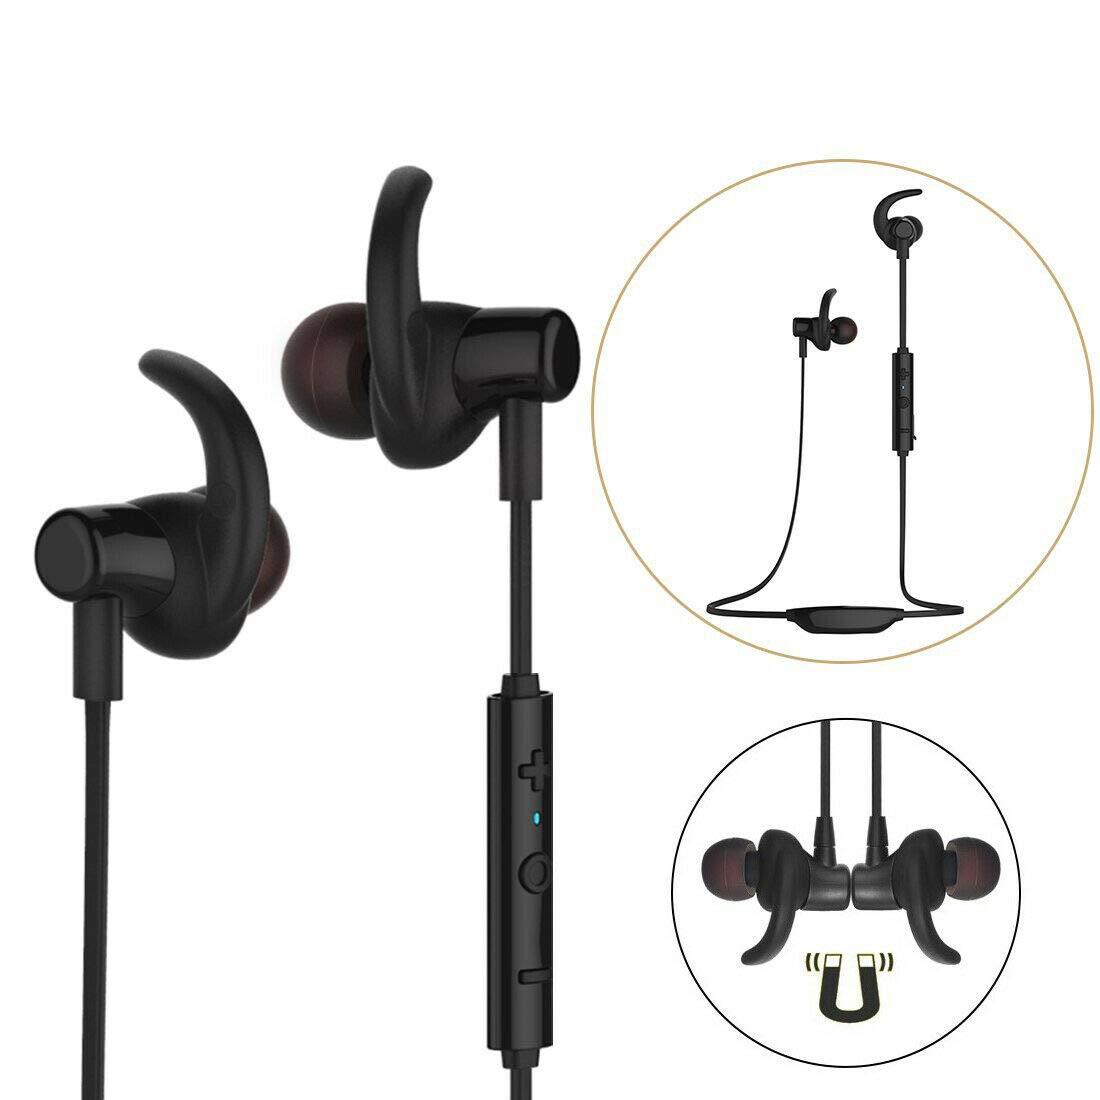 ワイヤレス Bluetooth 4.1 インイヤー イヤホン ヘッドホン ステレオ イヤホン ヘッドセット マイク付き   B07PRYN66K